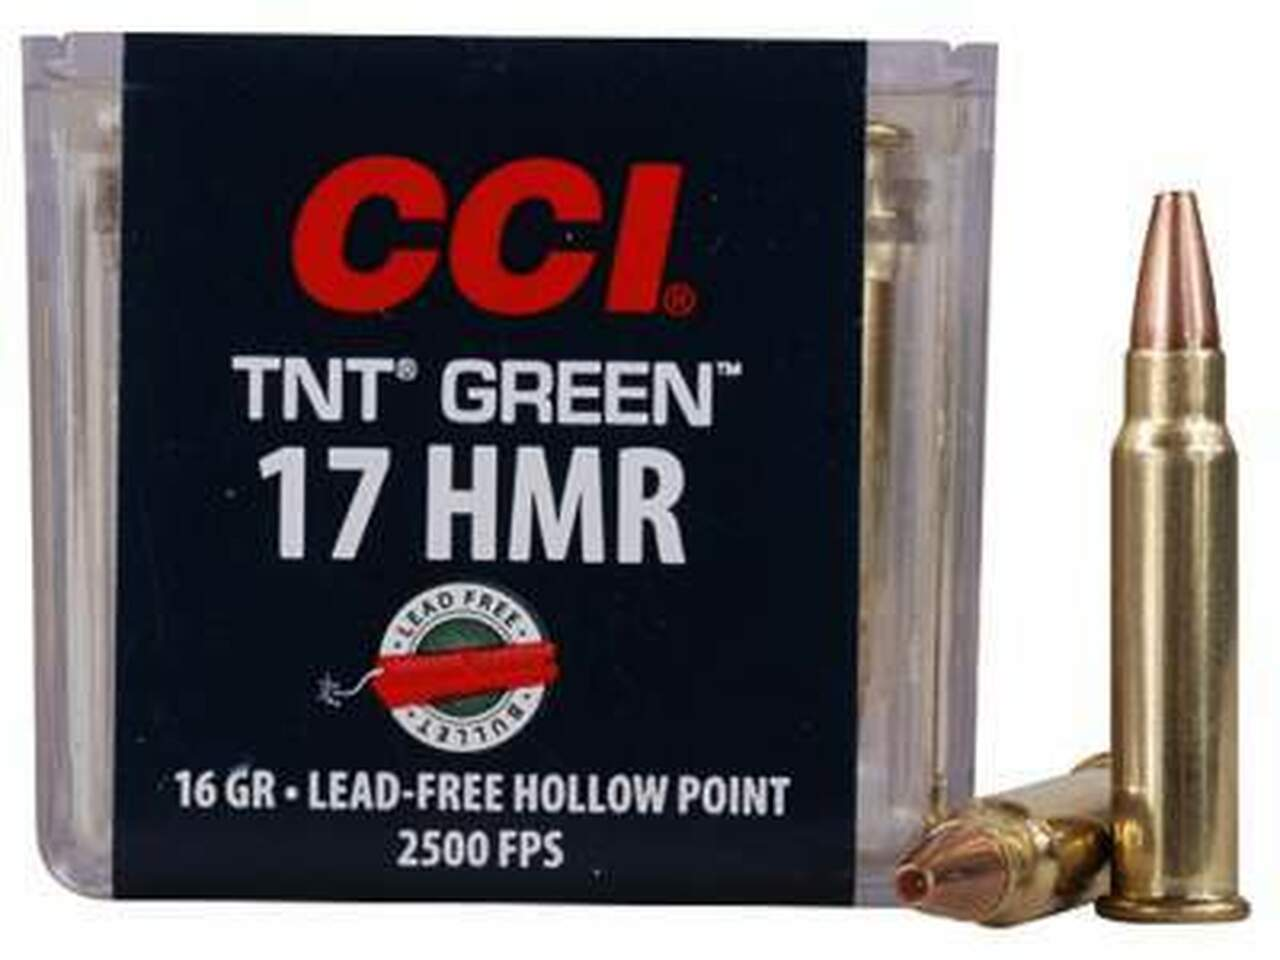 17 HMR Ammo